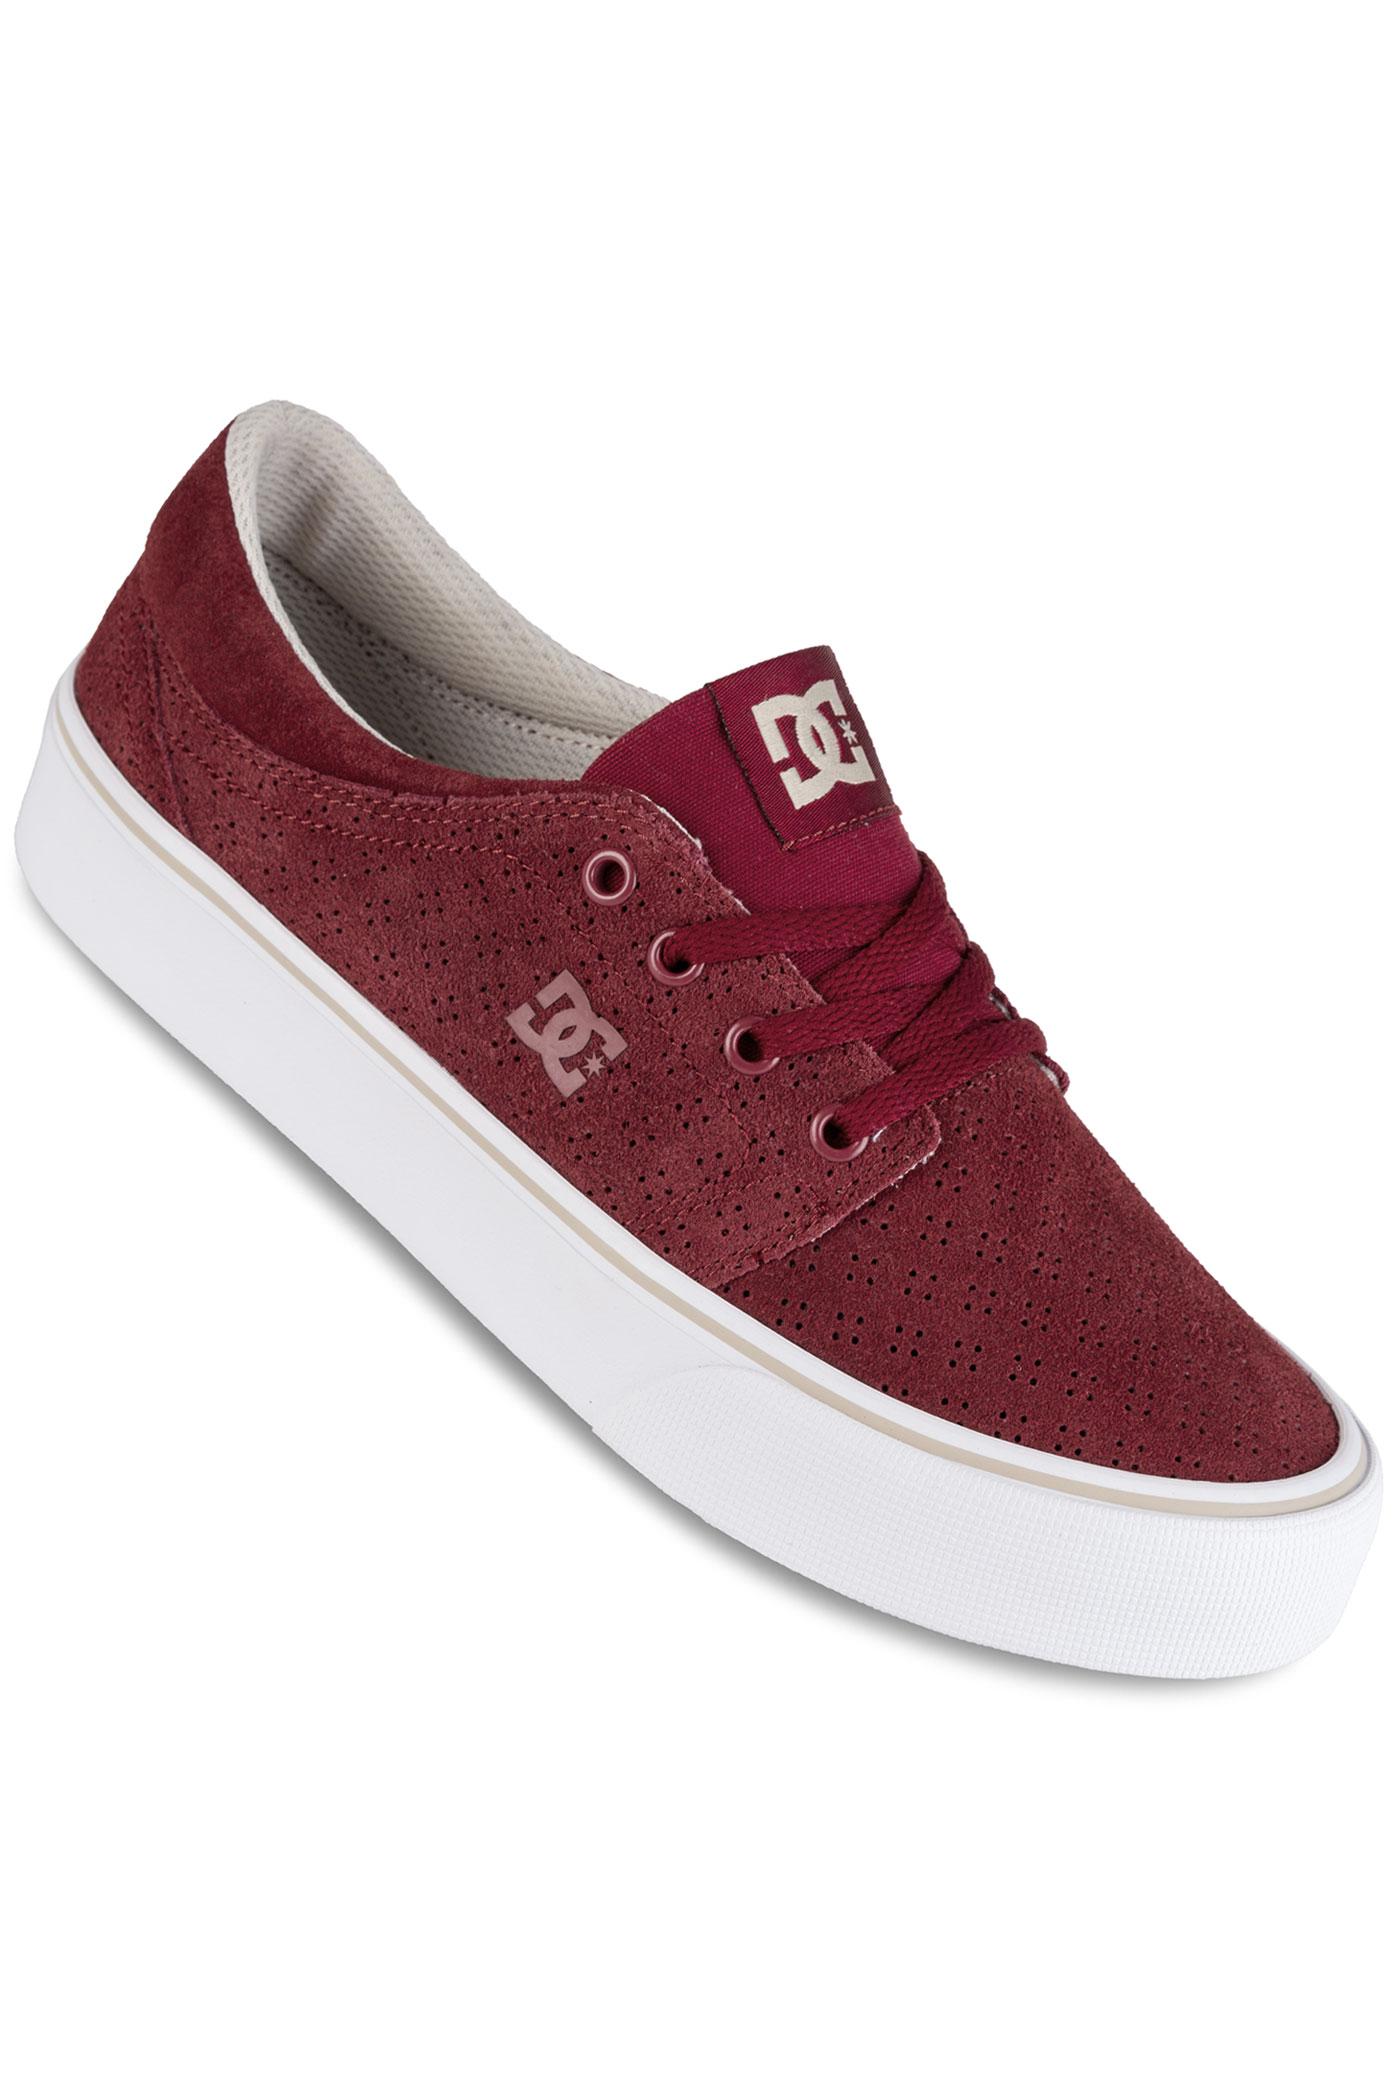 Dc Trase Se Shoes Women Burdy Tan